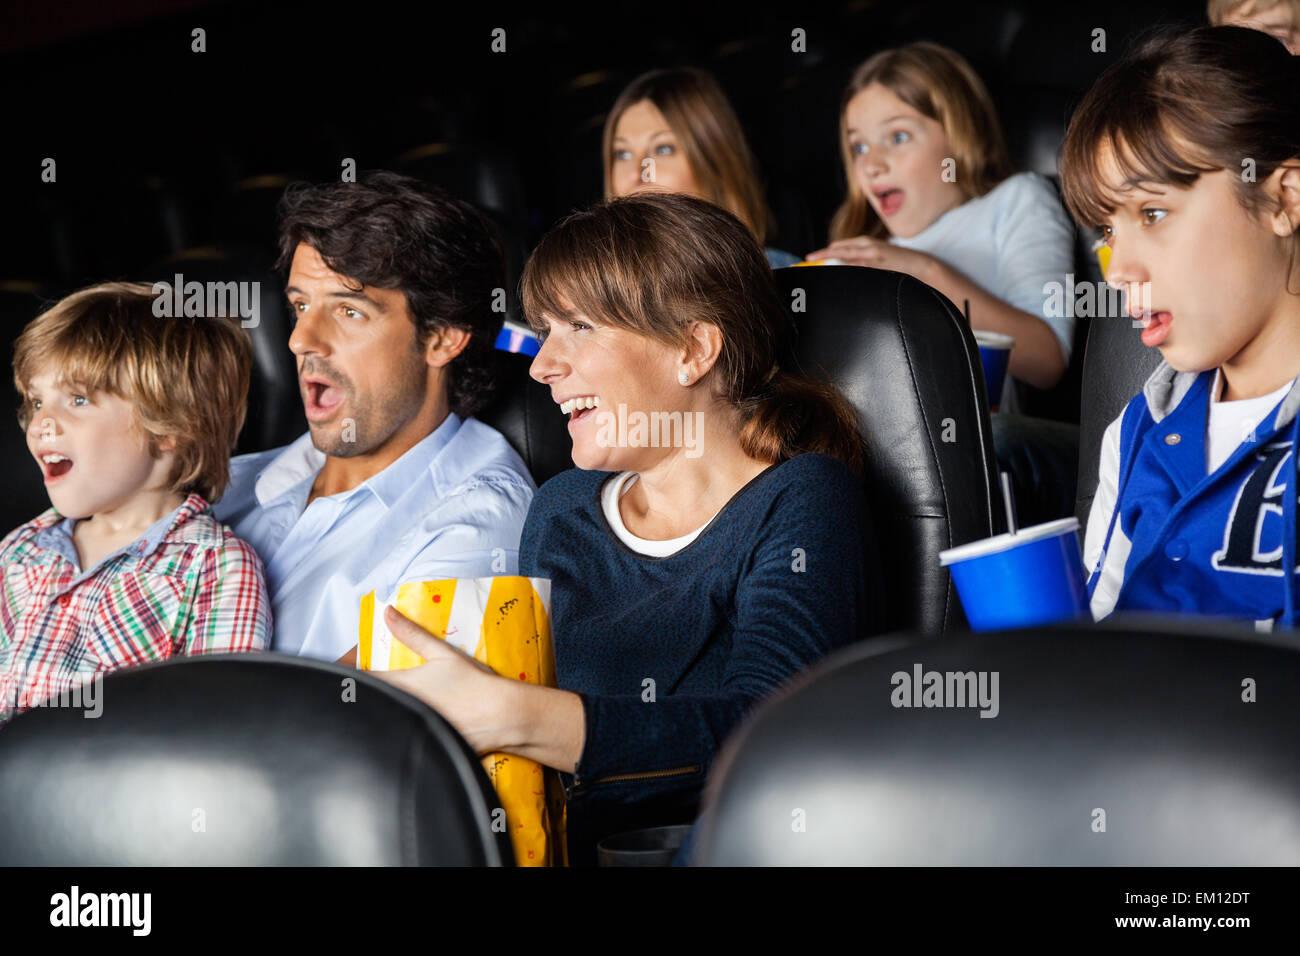 Sorprendido familias viendo la película Imagen De Stock